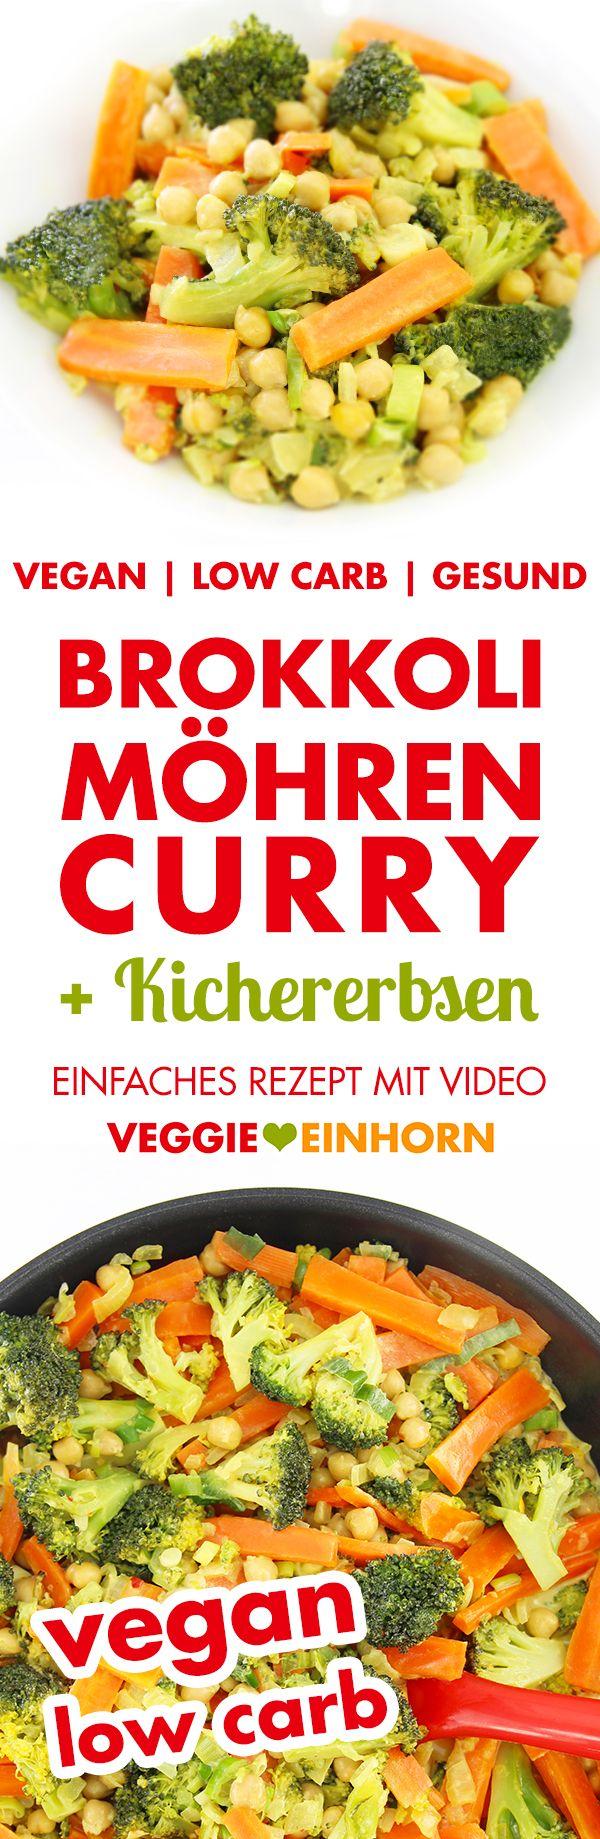 Veganes Low Carb Rezept | Brokkoli-Möhren-Curry mit Kichererbsen und Kokosmilch | Gesund vegan kochen: glutenfrei, low carb, mit viel Gemüse | Clean Eating Abendessen oder Mittagessen | Vegan abnehmen | Rezept mit VIDEO Anleitung #VeggieEinhorn